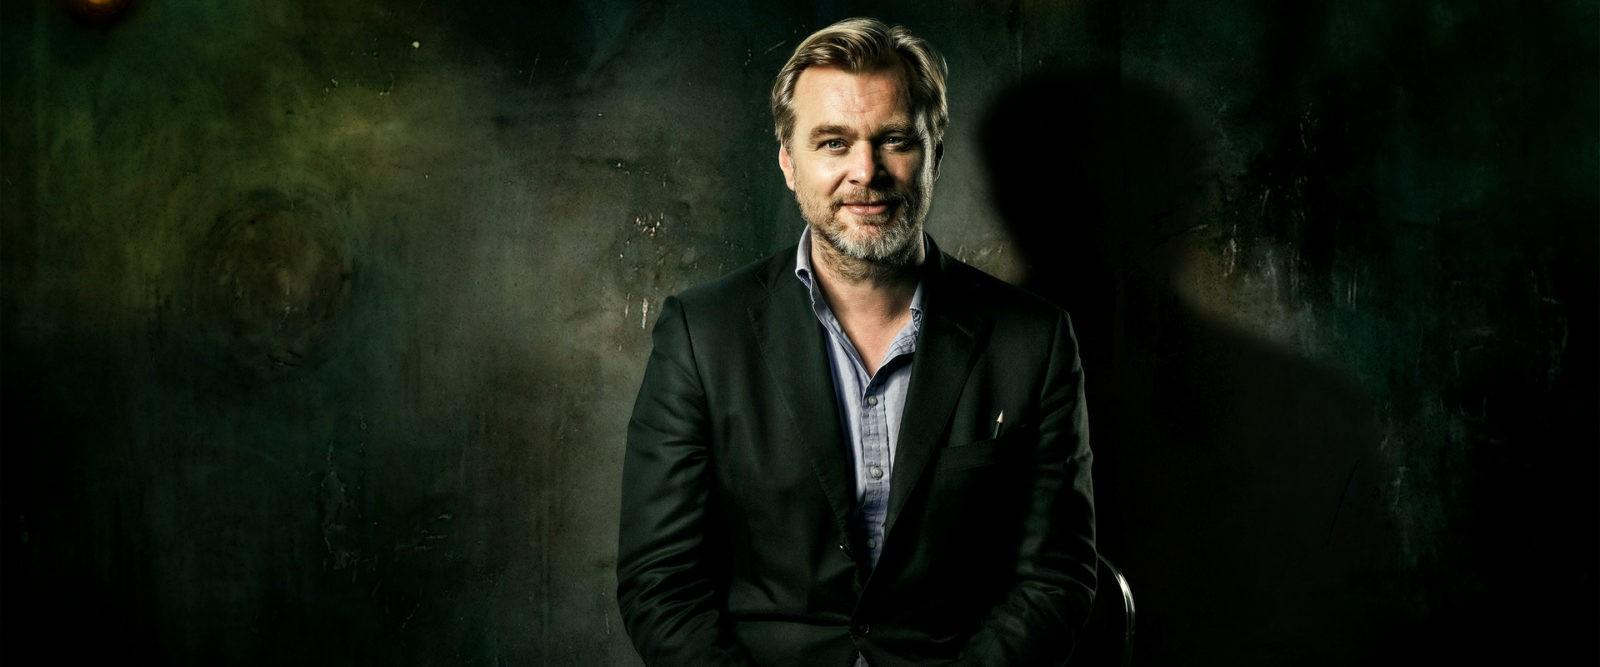 Warner Bros. надеется на возвращение Кристофера Нолана